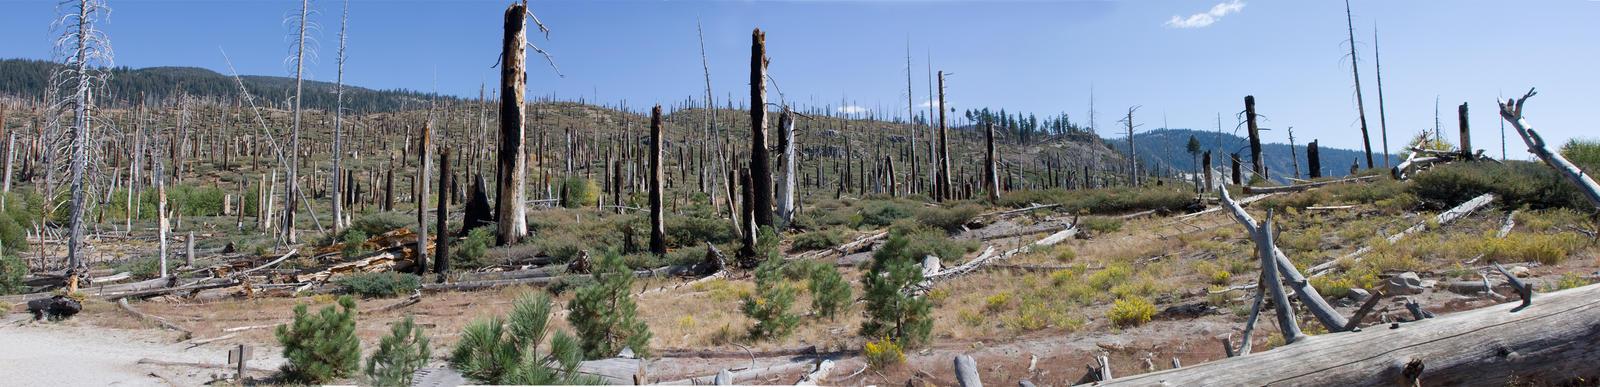 Ansel Adams Reserve Panoramic